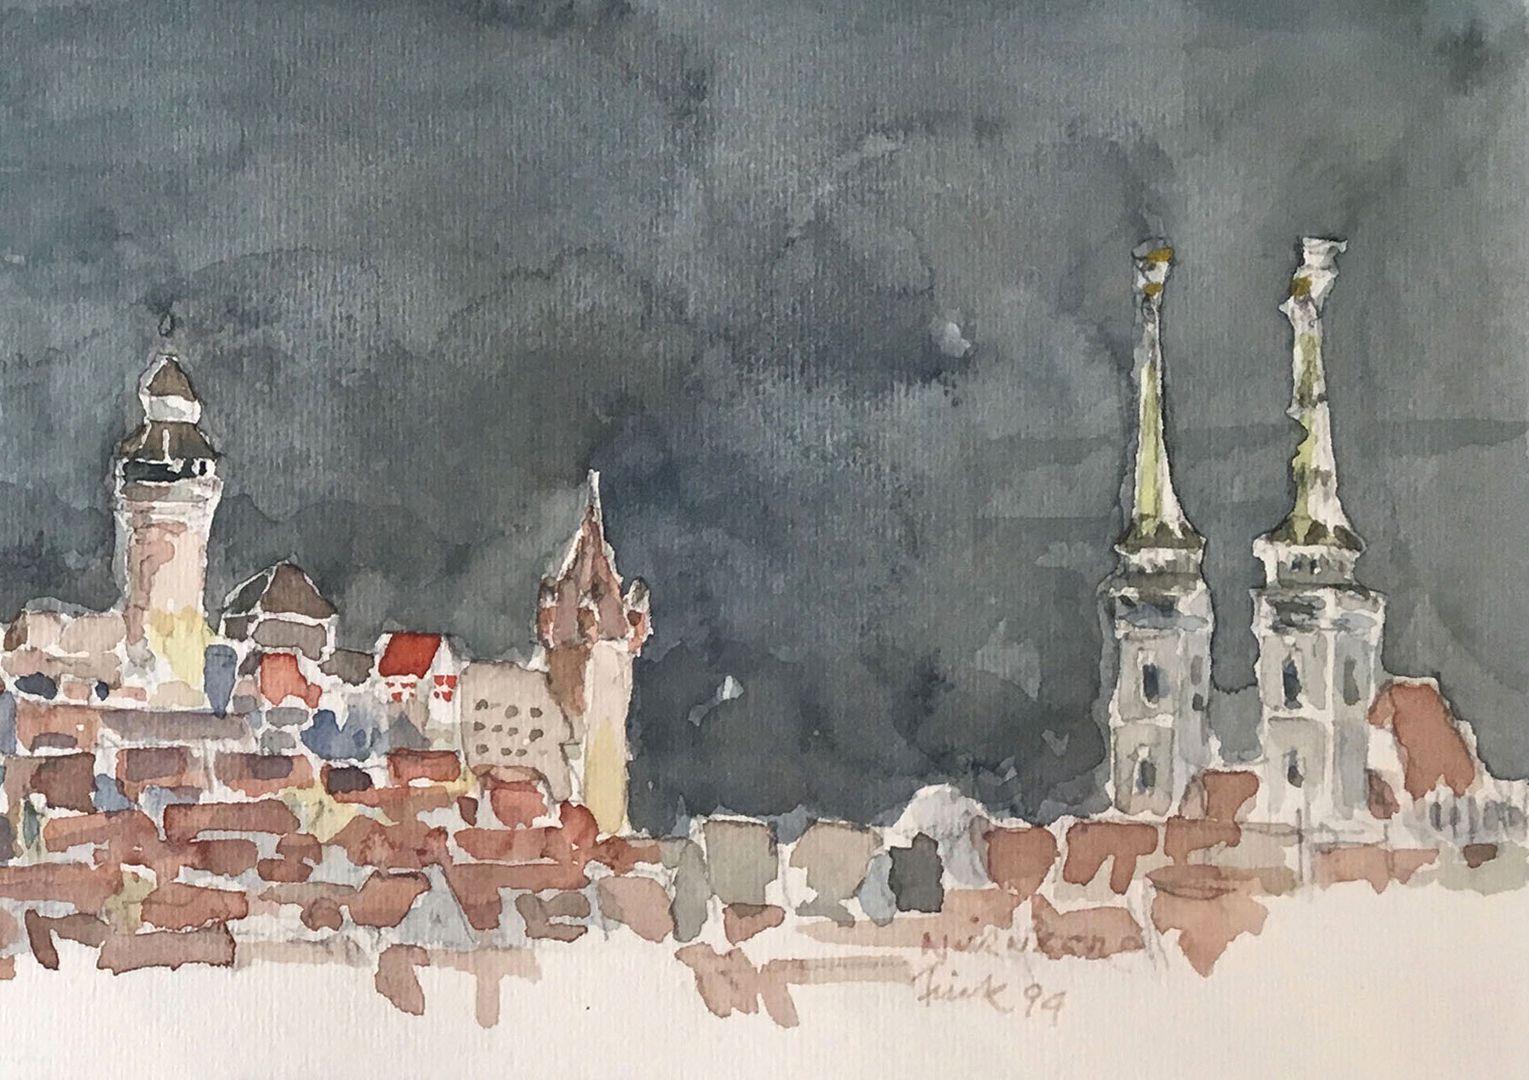 Nürnberg bei Nacht Bildausschnitt: Blick über die Stadt mit Sinwellturm, Walburgiskapelle, Luginsland und St. Sebald